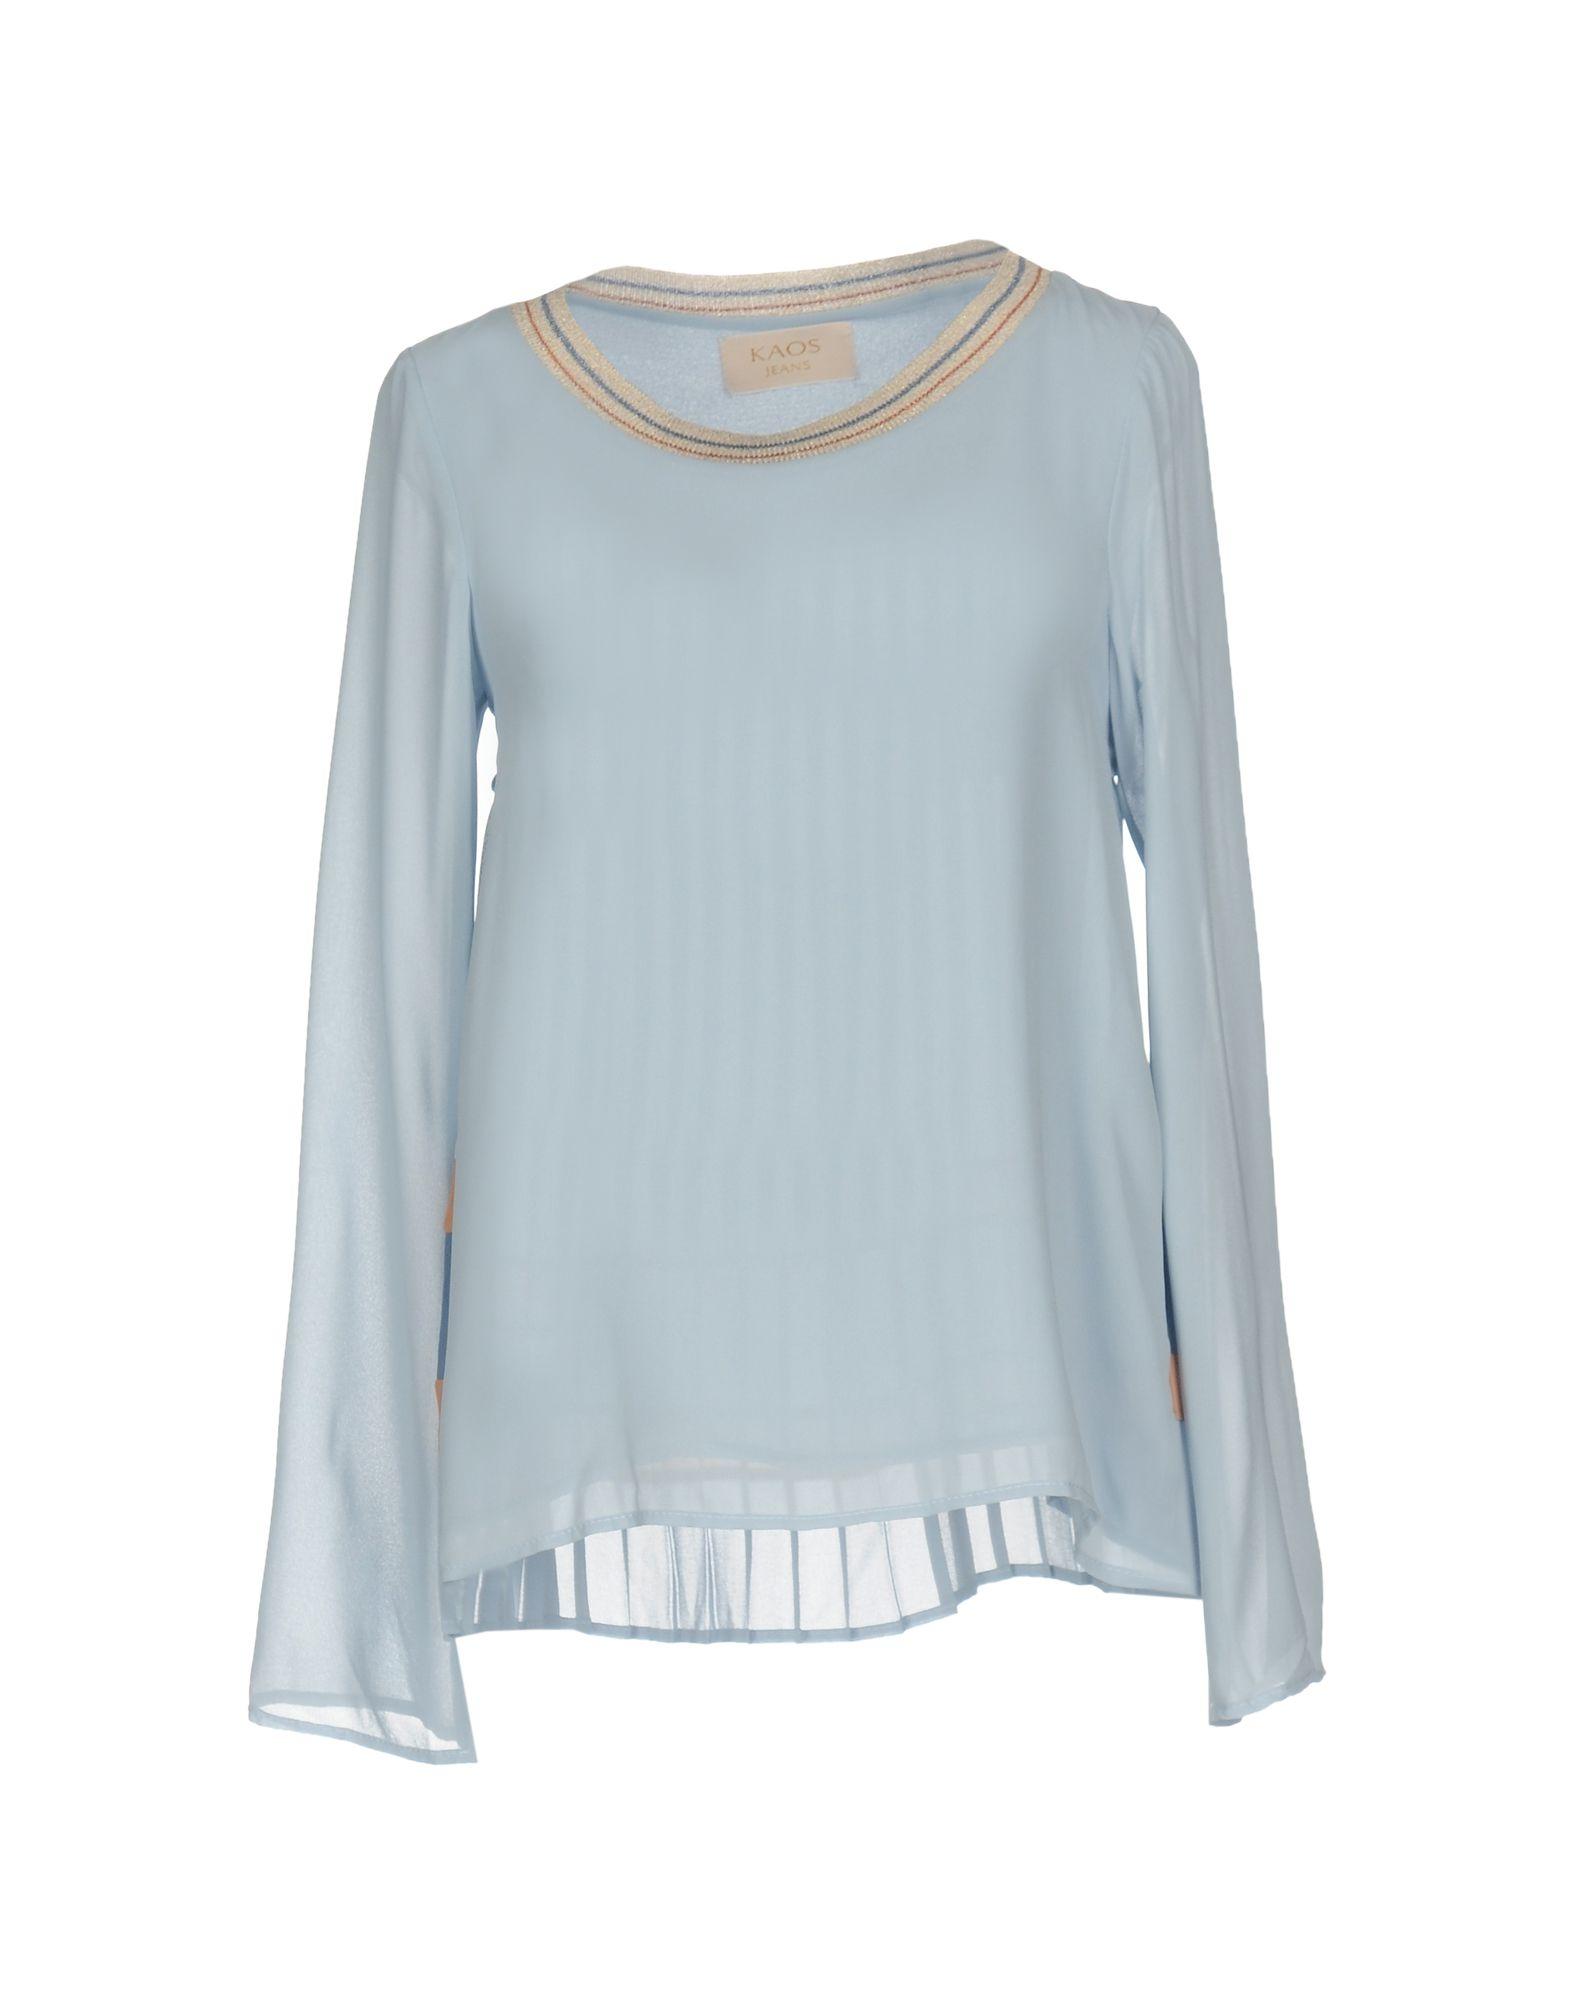 KAOS JEANS Damen Bluse Farbe Himmelblau Größe 6